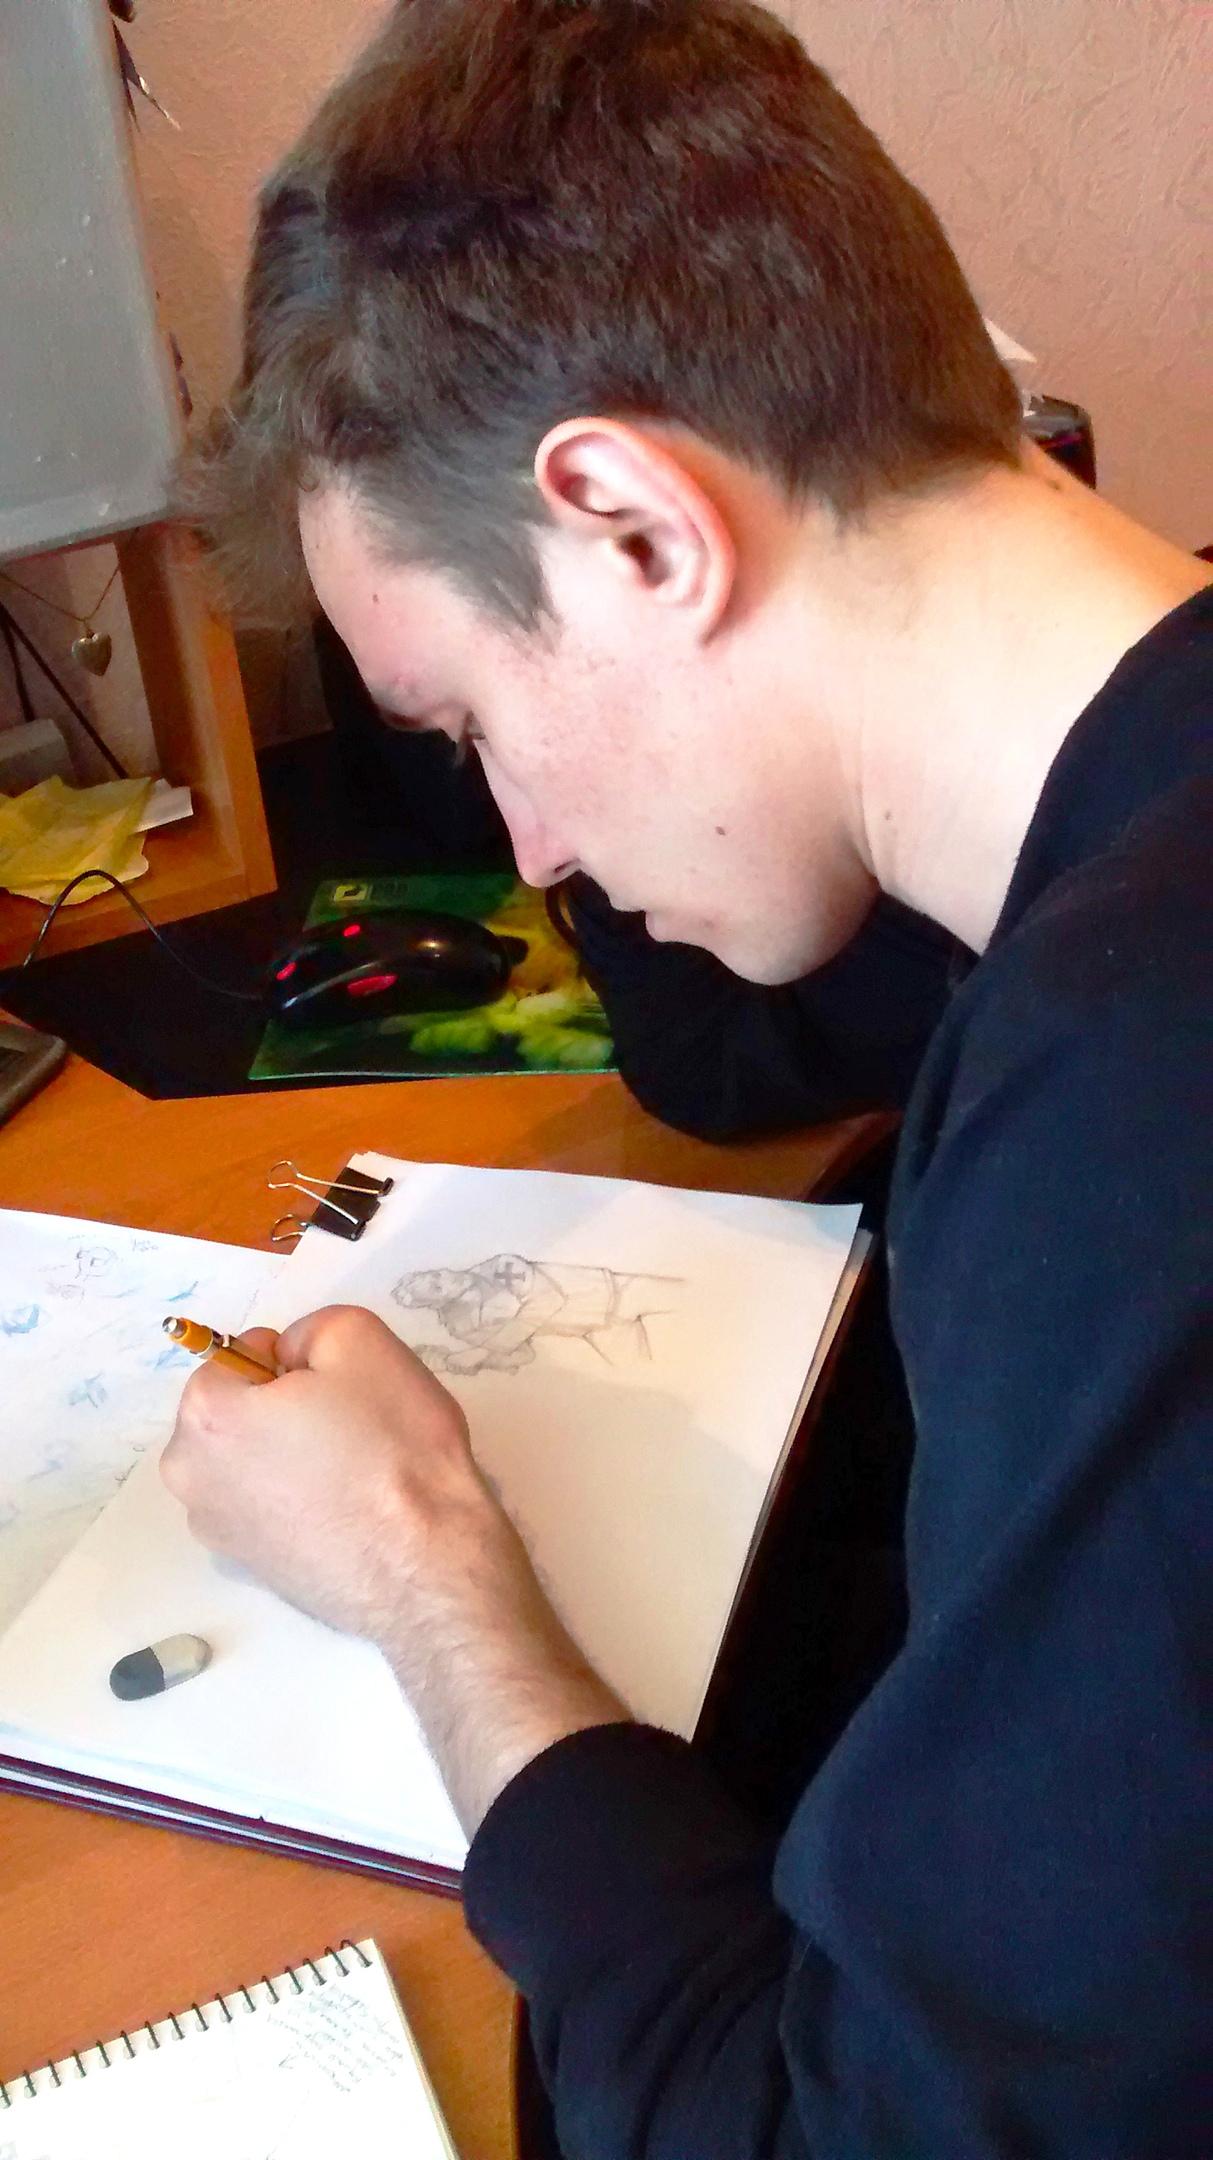 24 апр. 2015 г. — Игорь рисует модельный лист с Брюсом